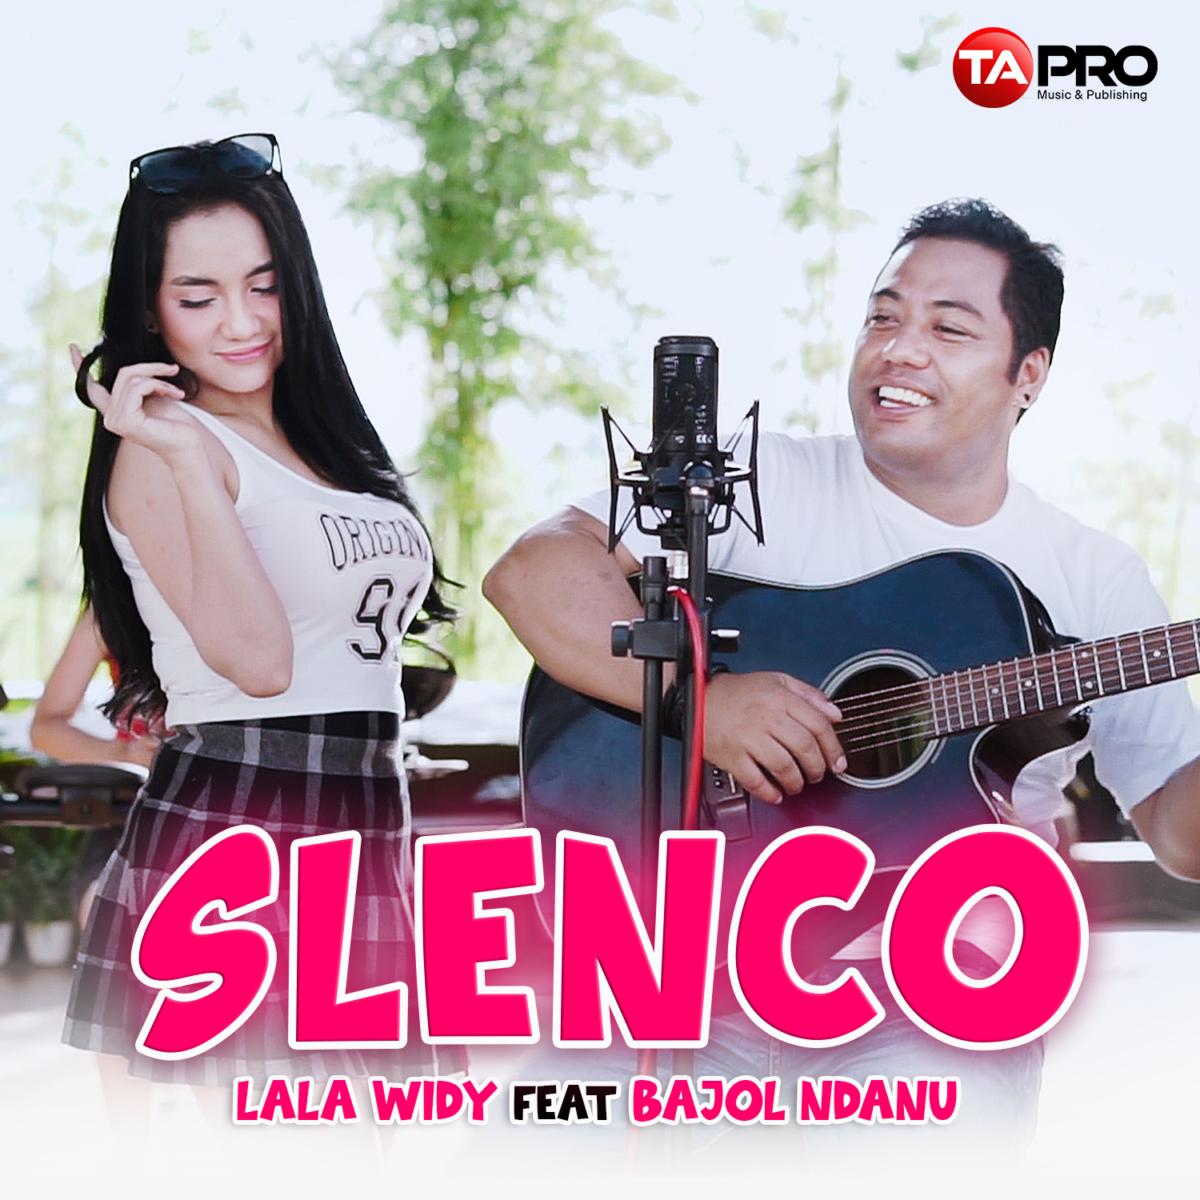 Slenco, Single ke 3 Duet Lala Widy dan Bajol Ndanu